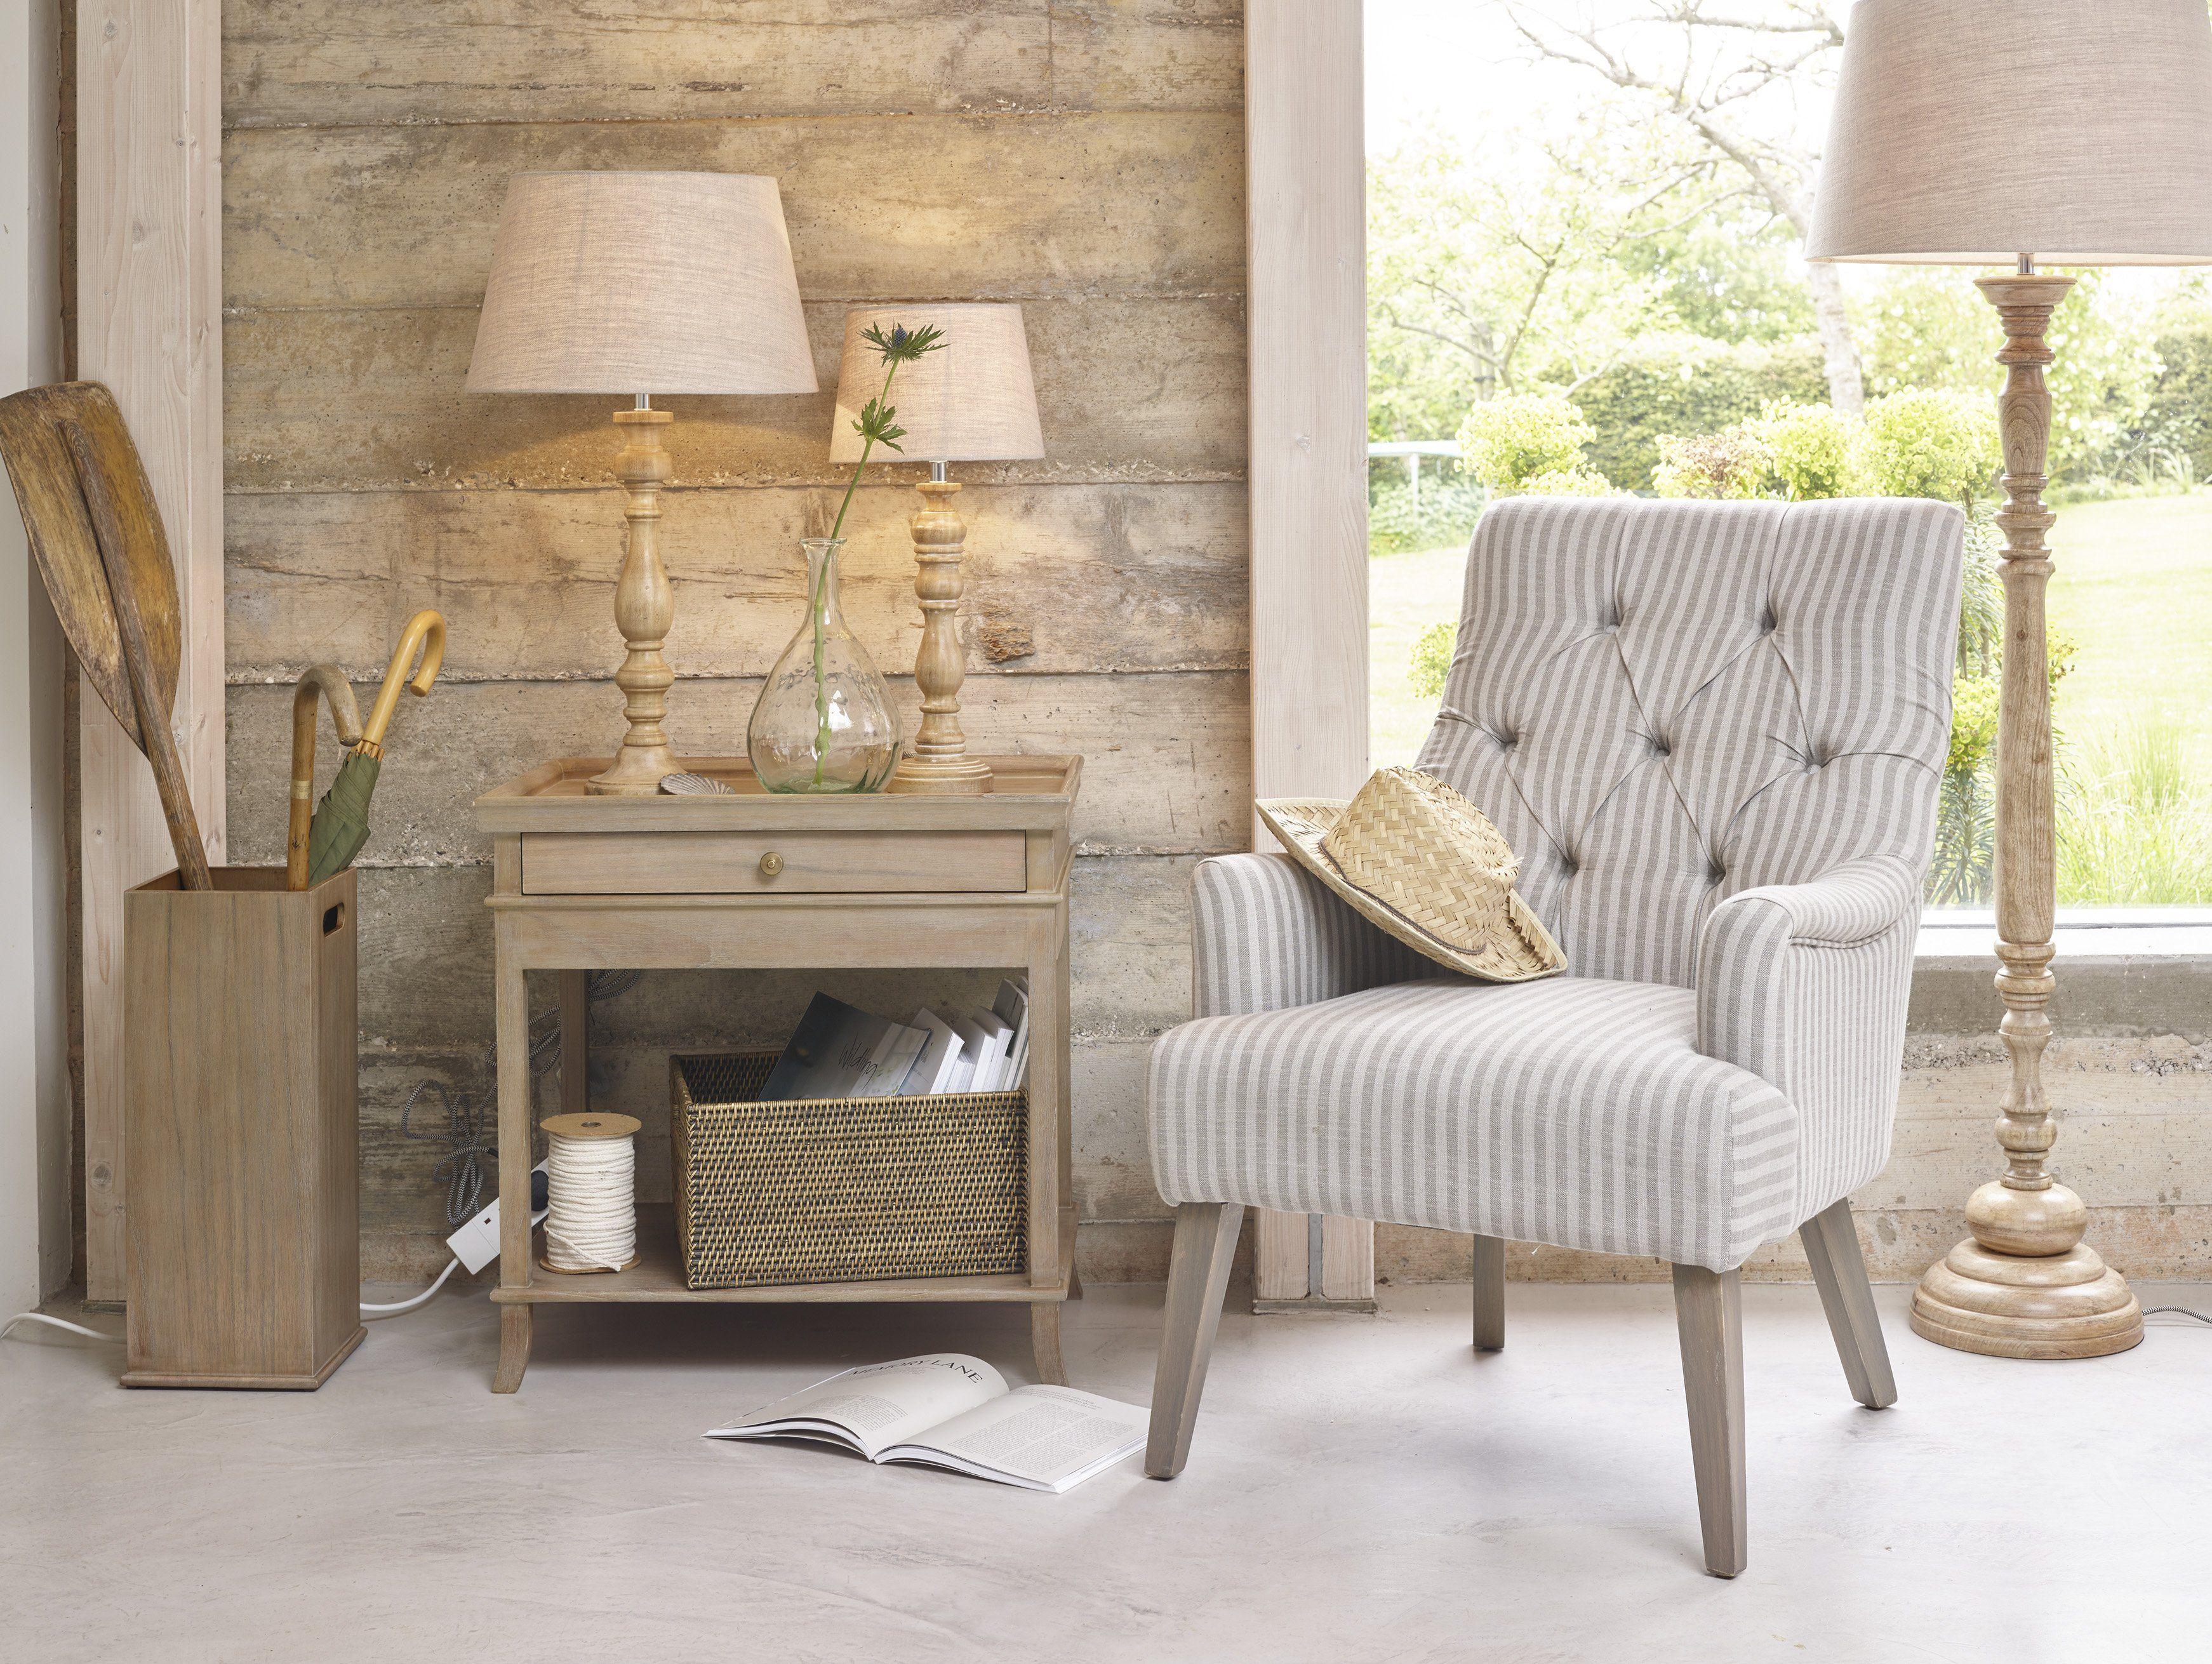 פרטי ריהוט MALY'S Furniture, White leather dining